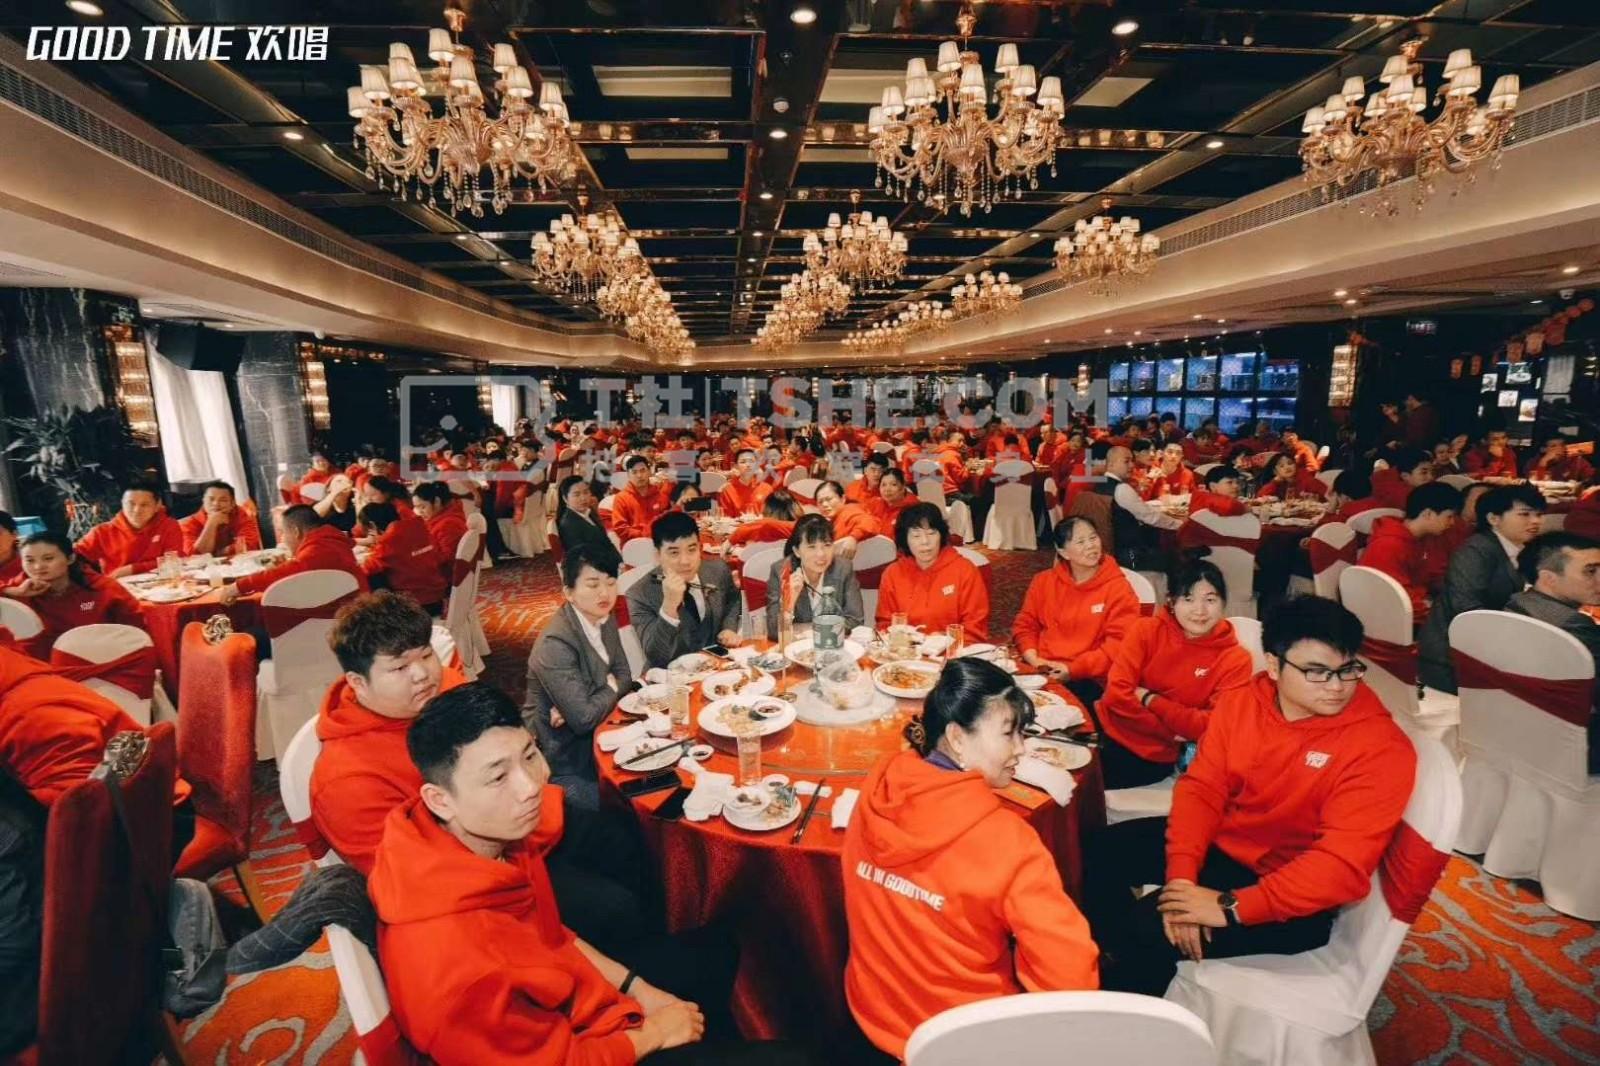 公司十周年慶活動福利,送員工的伴手禮要怎么準備?